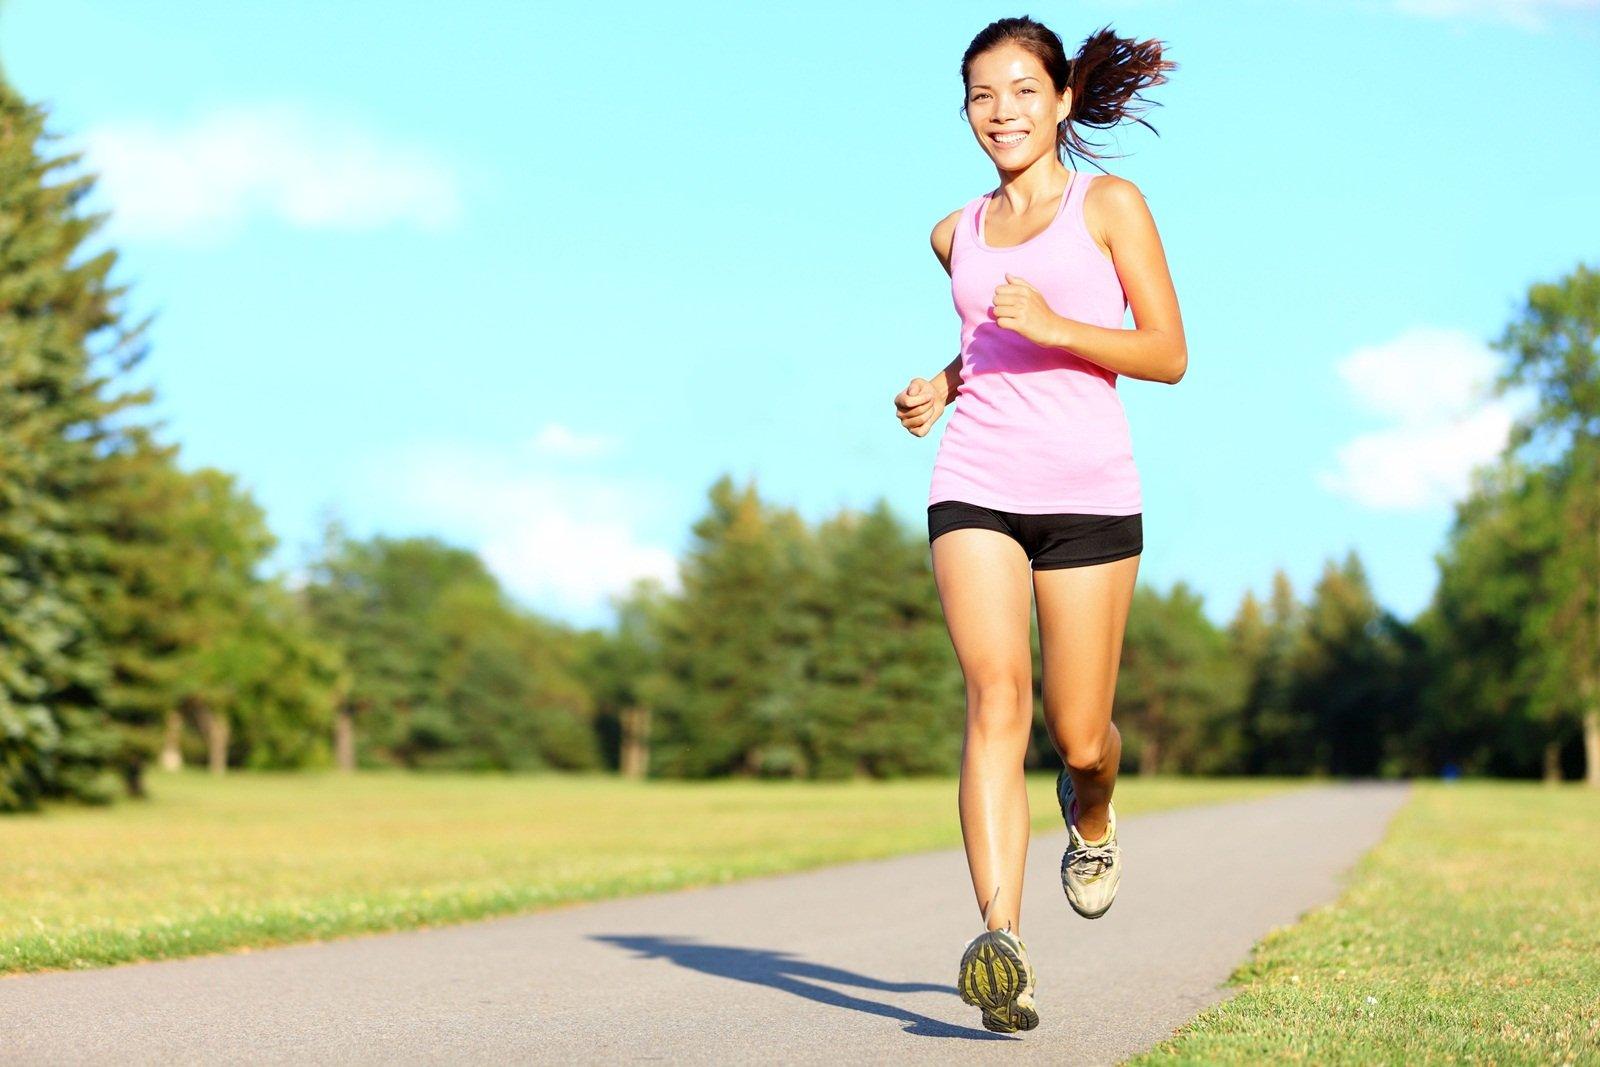 ผลการค้นหารูปภาพสำหรับ ออกกำลังกาย